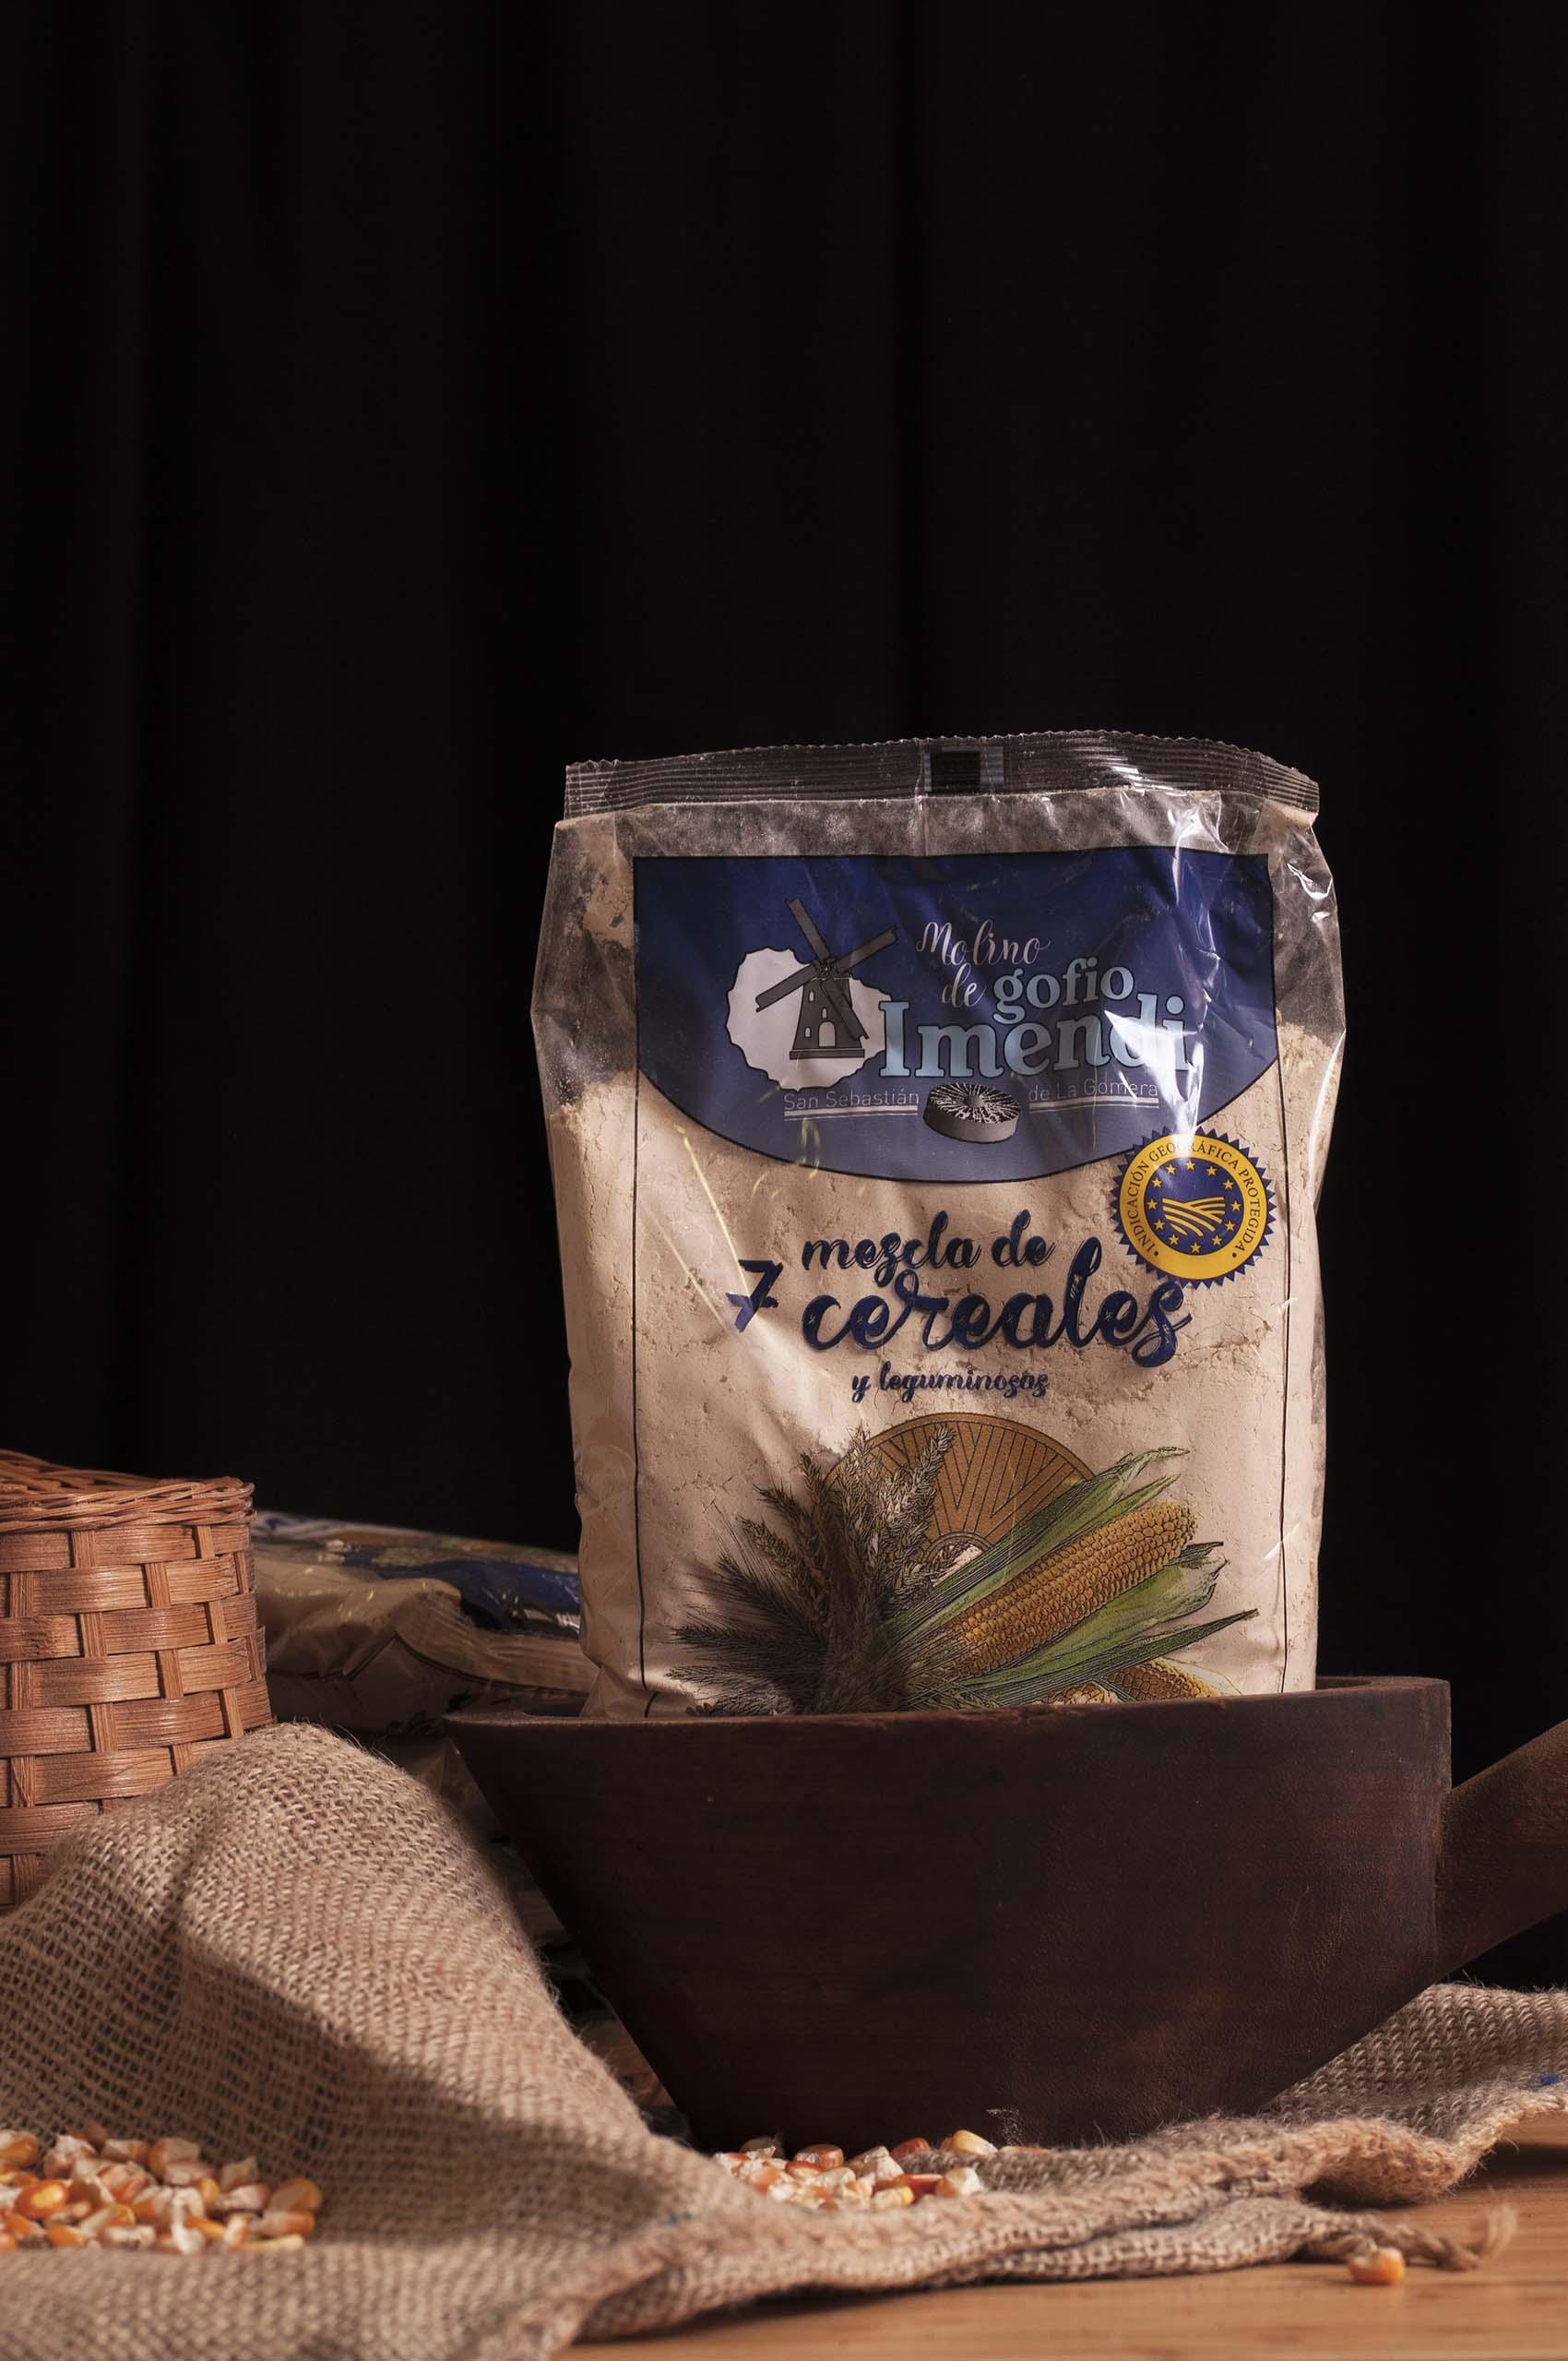 Gofio de 7 cereales